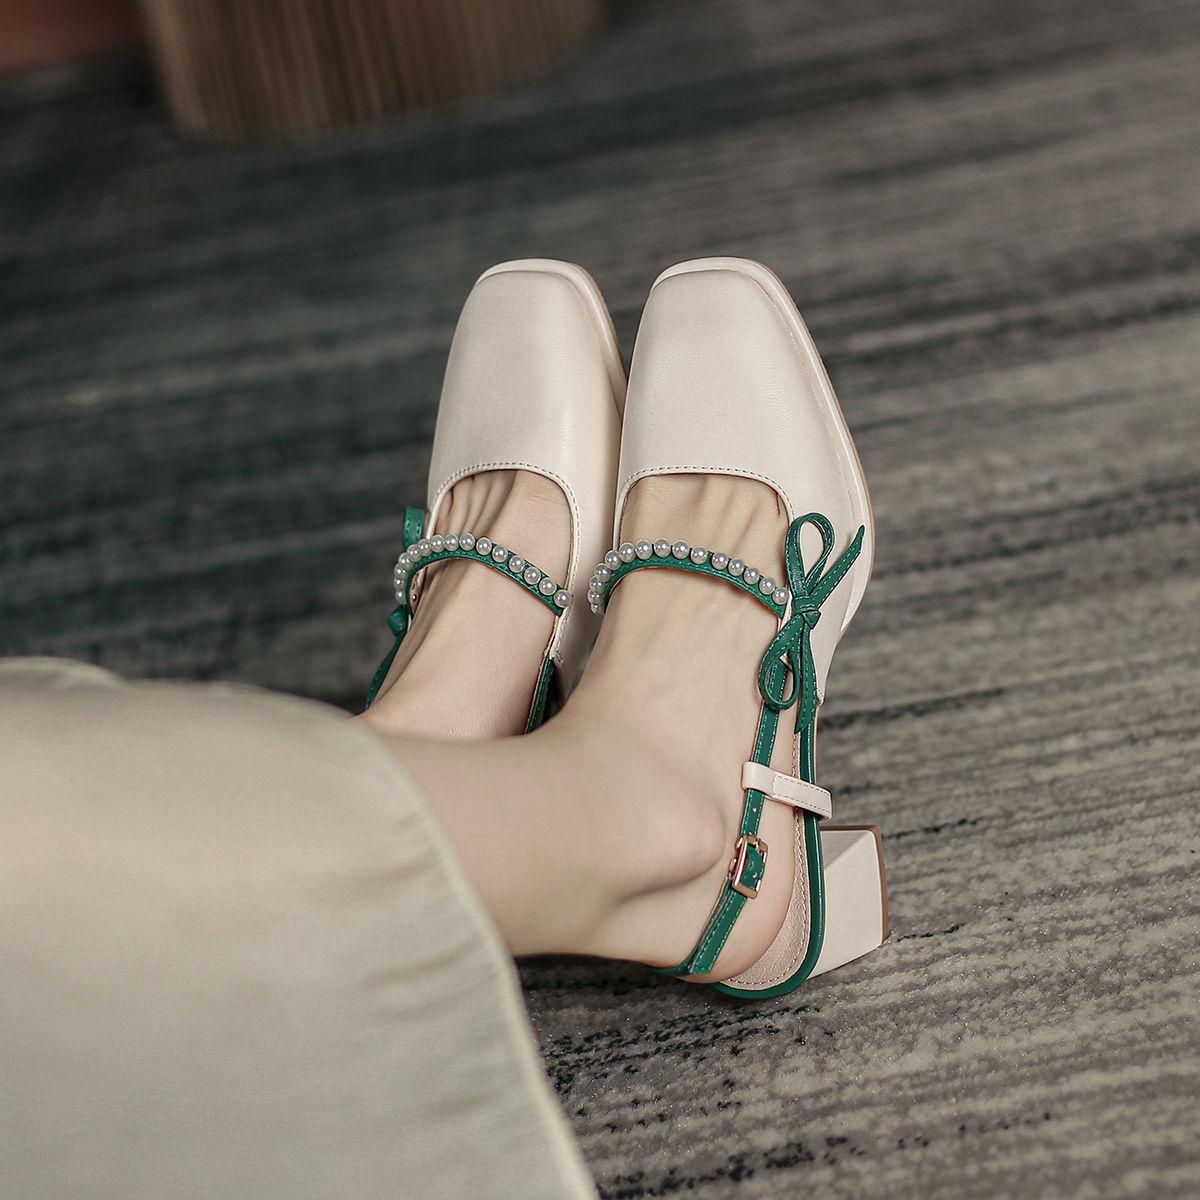 热卖新款后空中跟单鞋2021年新款春夏蝴蝶结珍珠方头高跟玛丽珍粗